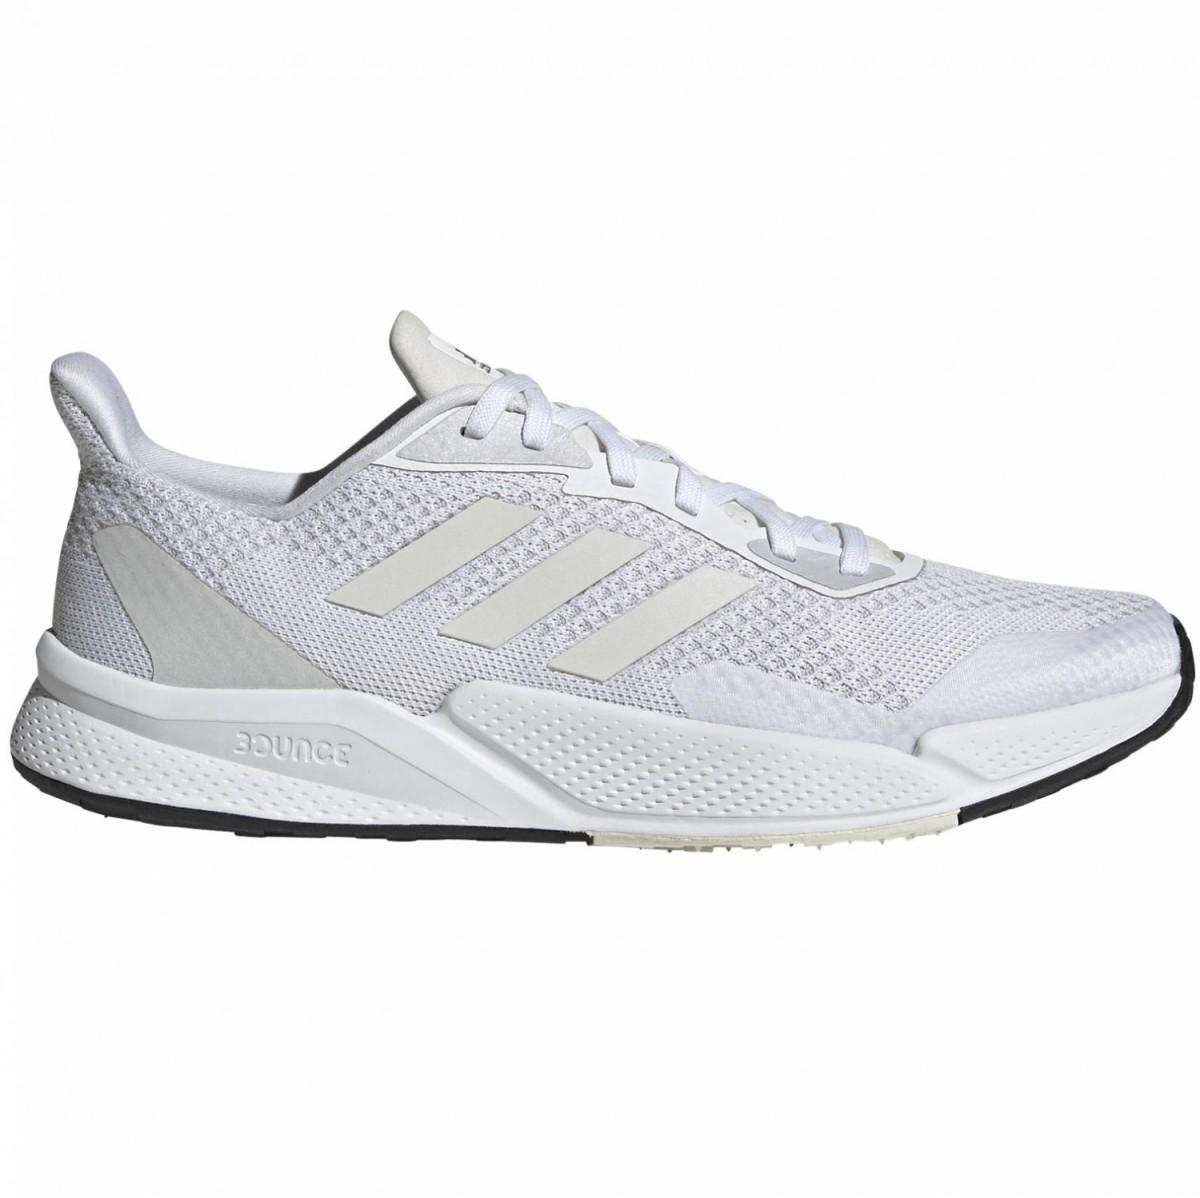 adidas x9000L2 Running